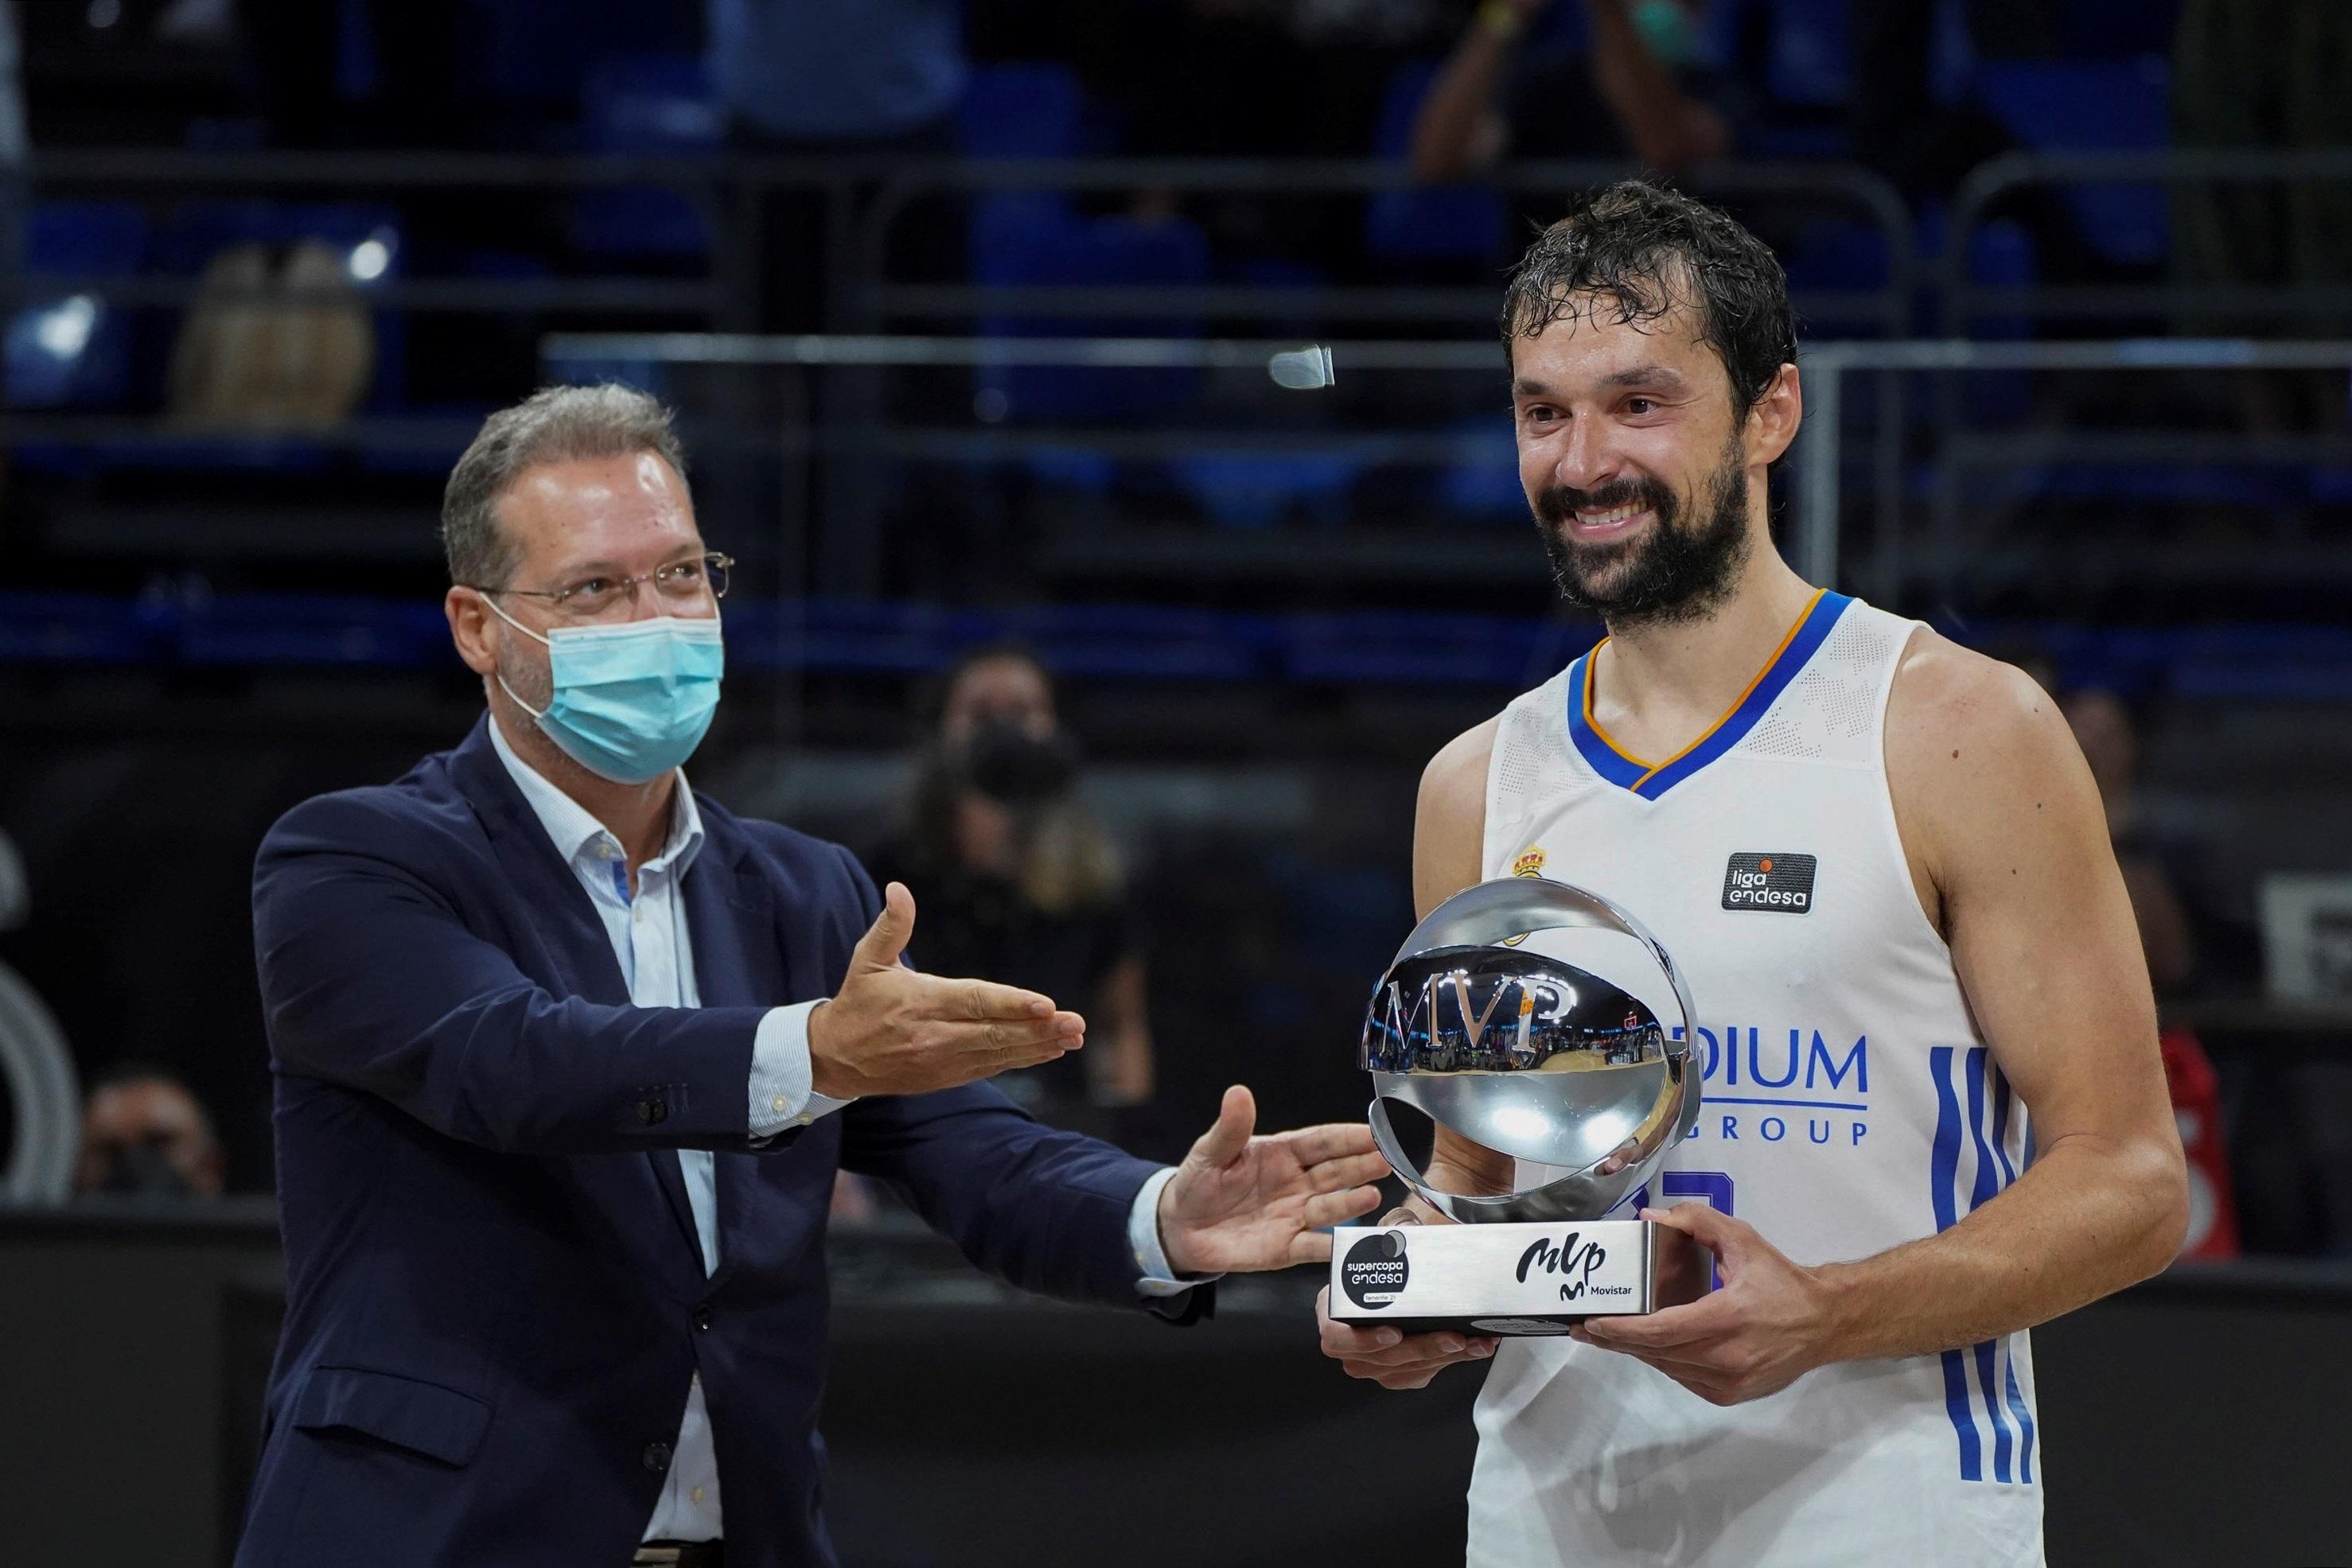 Llull recibe el trofeo de MVP tras la final de la Supercopa.